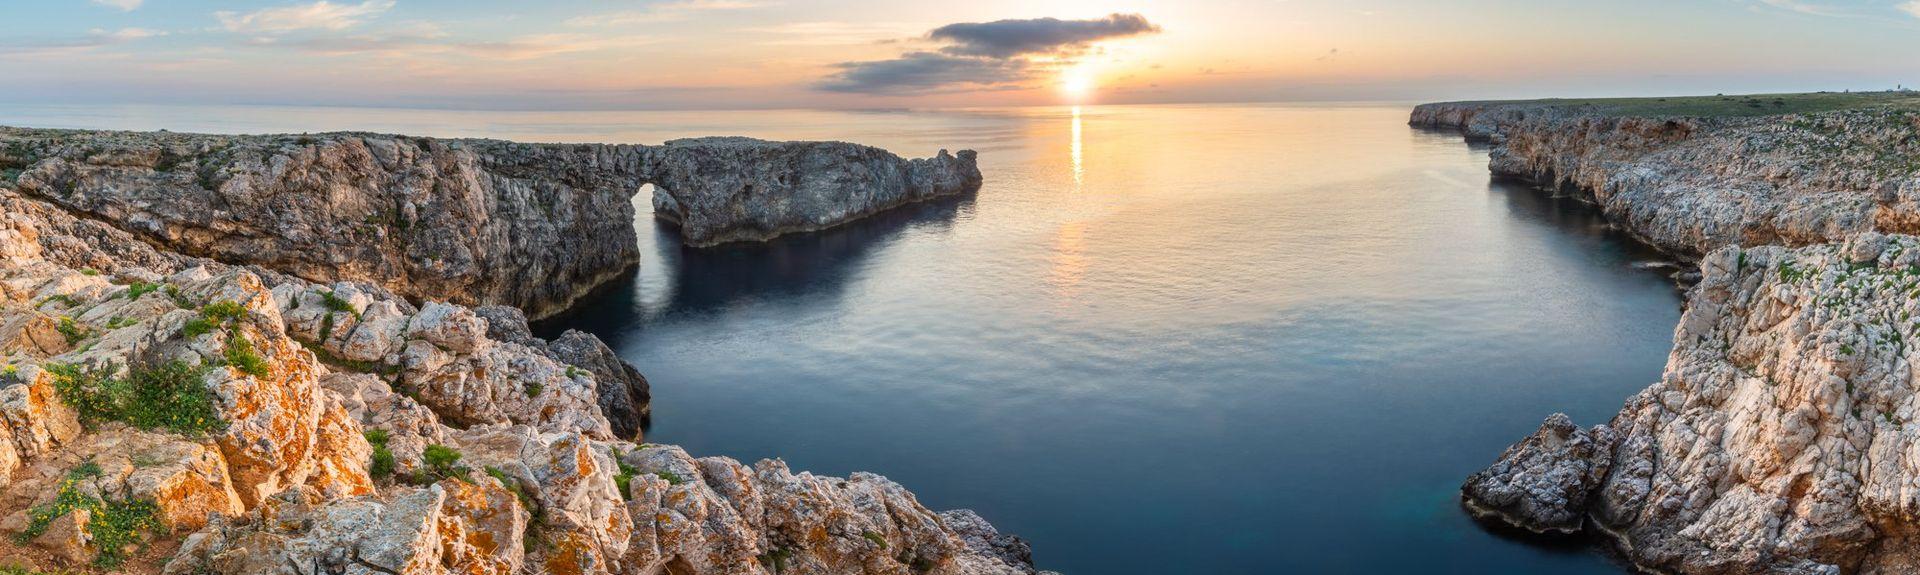 Strand von Son Bou, Alaior, Balearen, Spanien